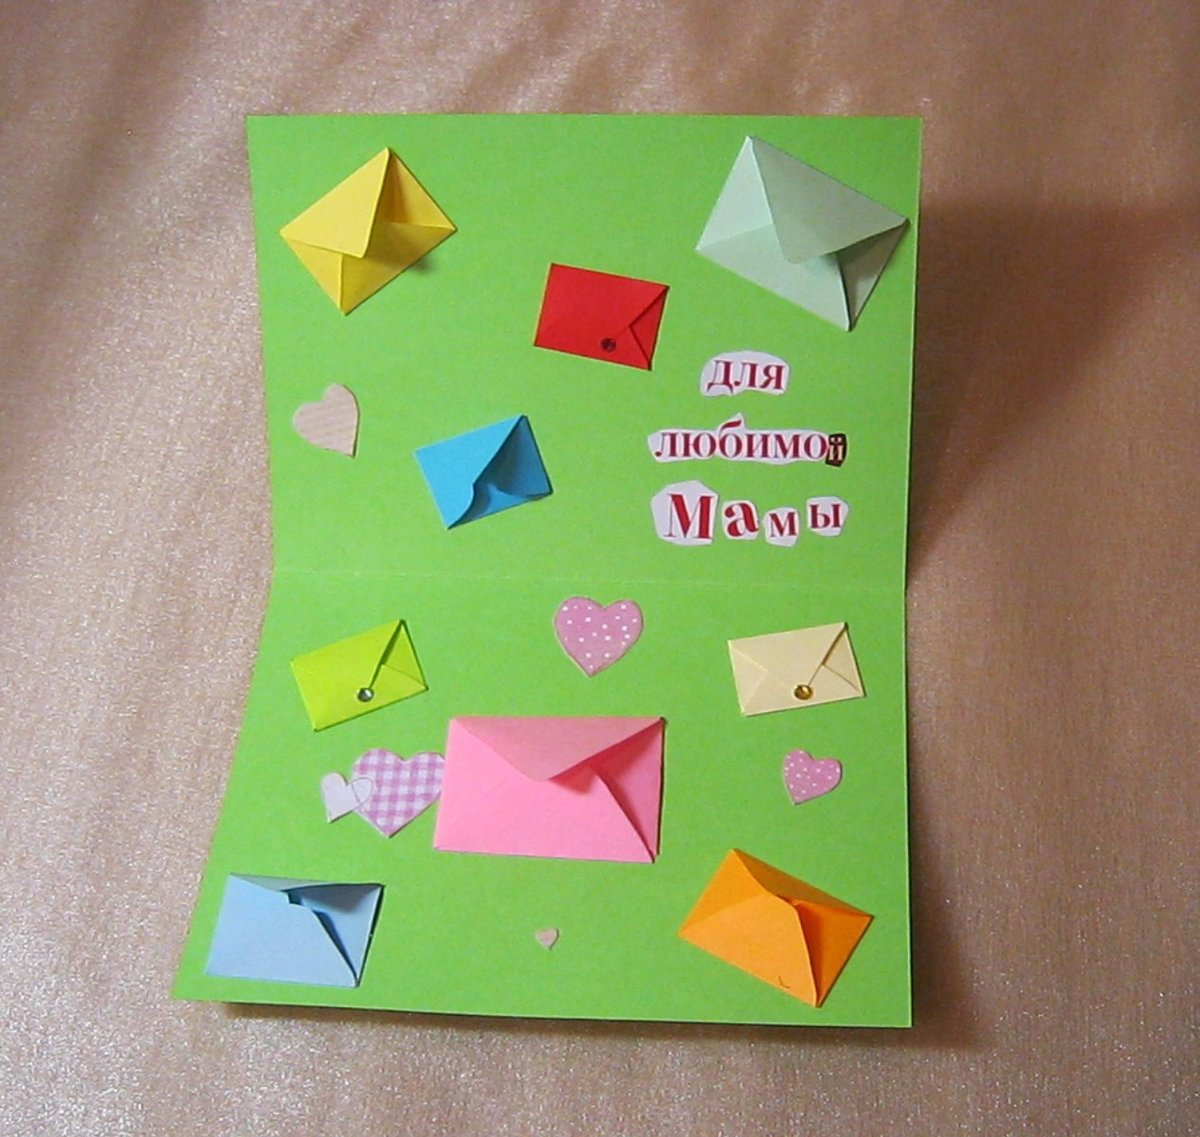 самая простая открытка своими руками на день рождения маме